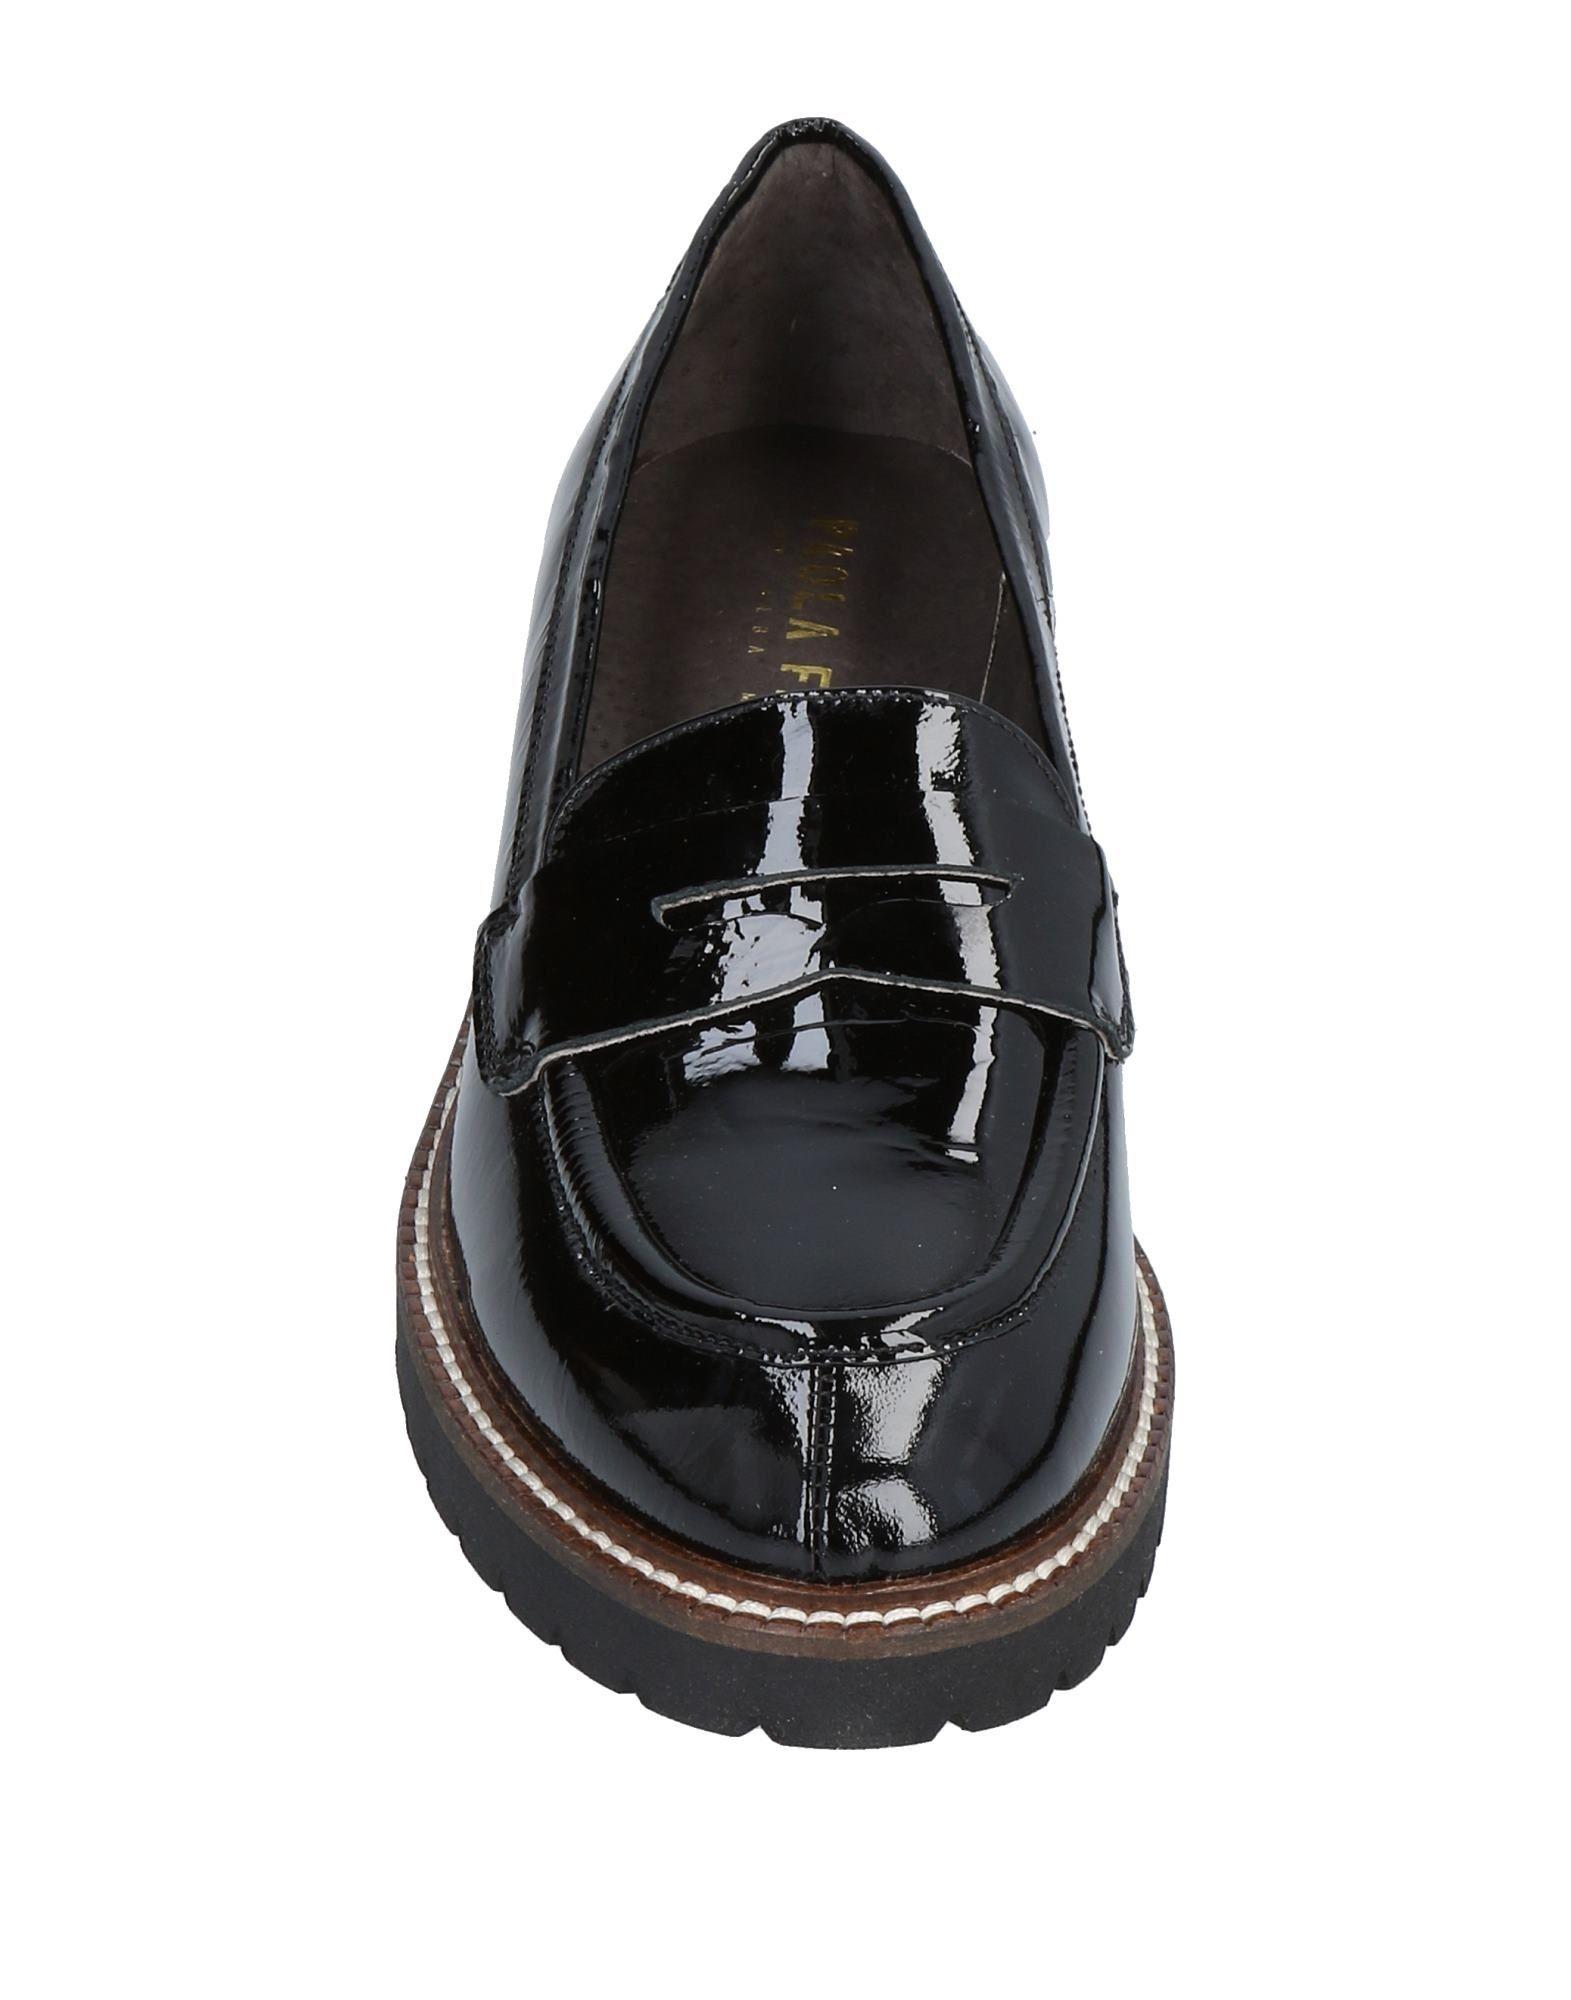 Paola Ferri Qualität Mokassins Damen 11477647OW Gute Qualität Ferri beliebte Schuhe f163d6